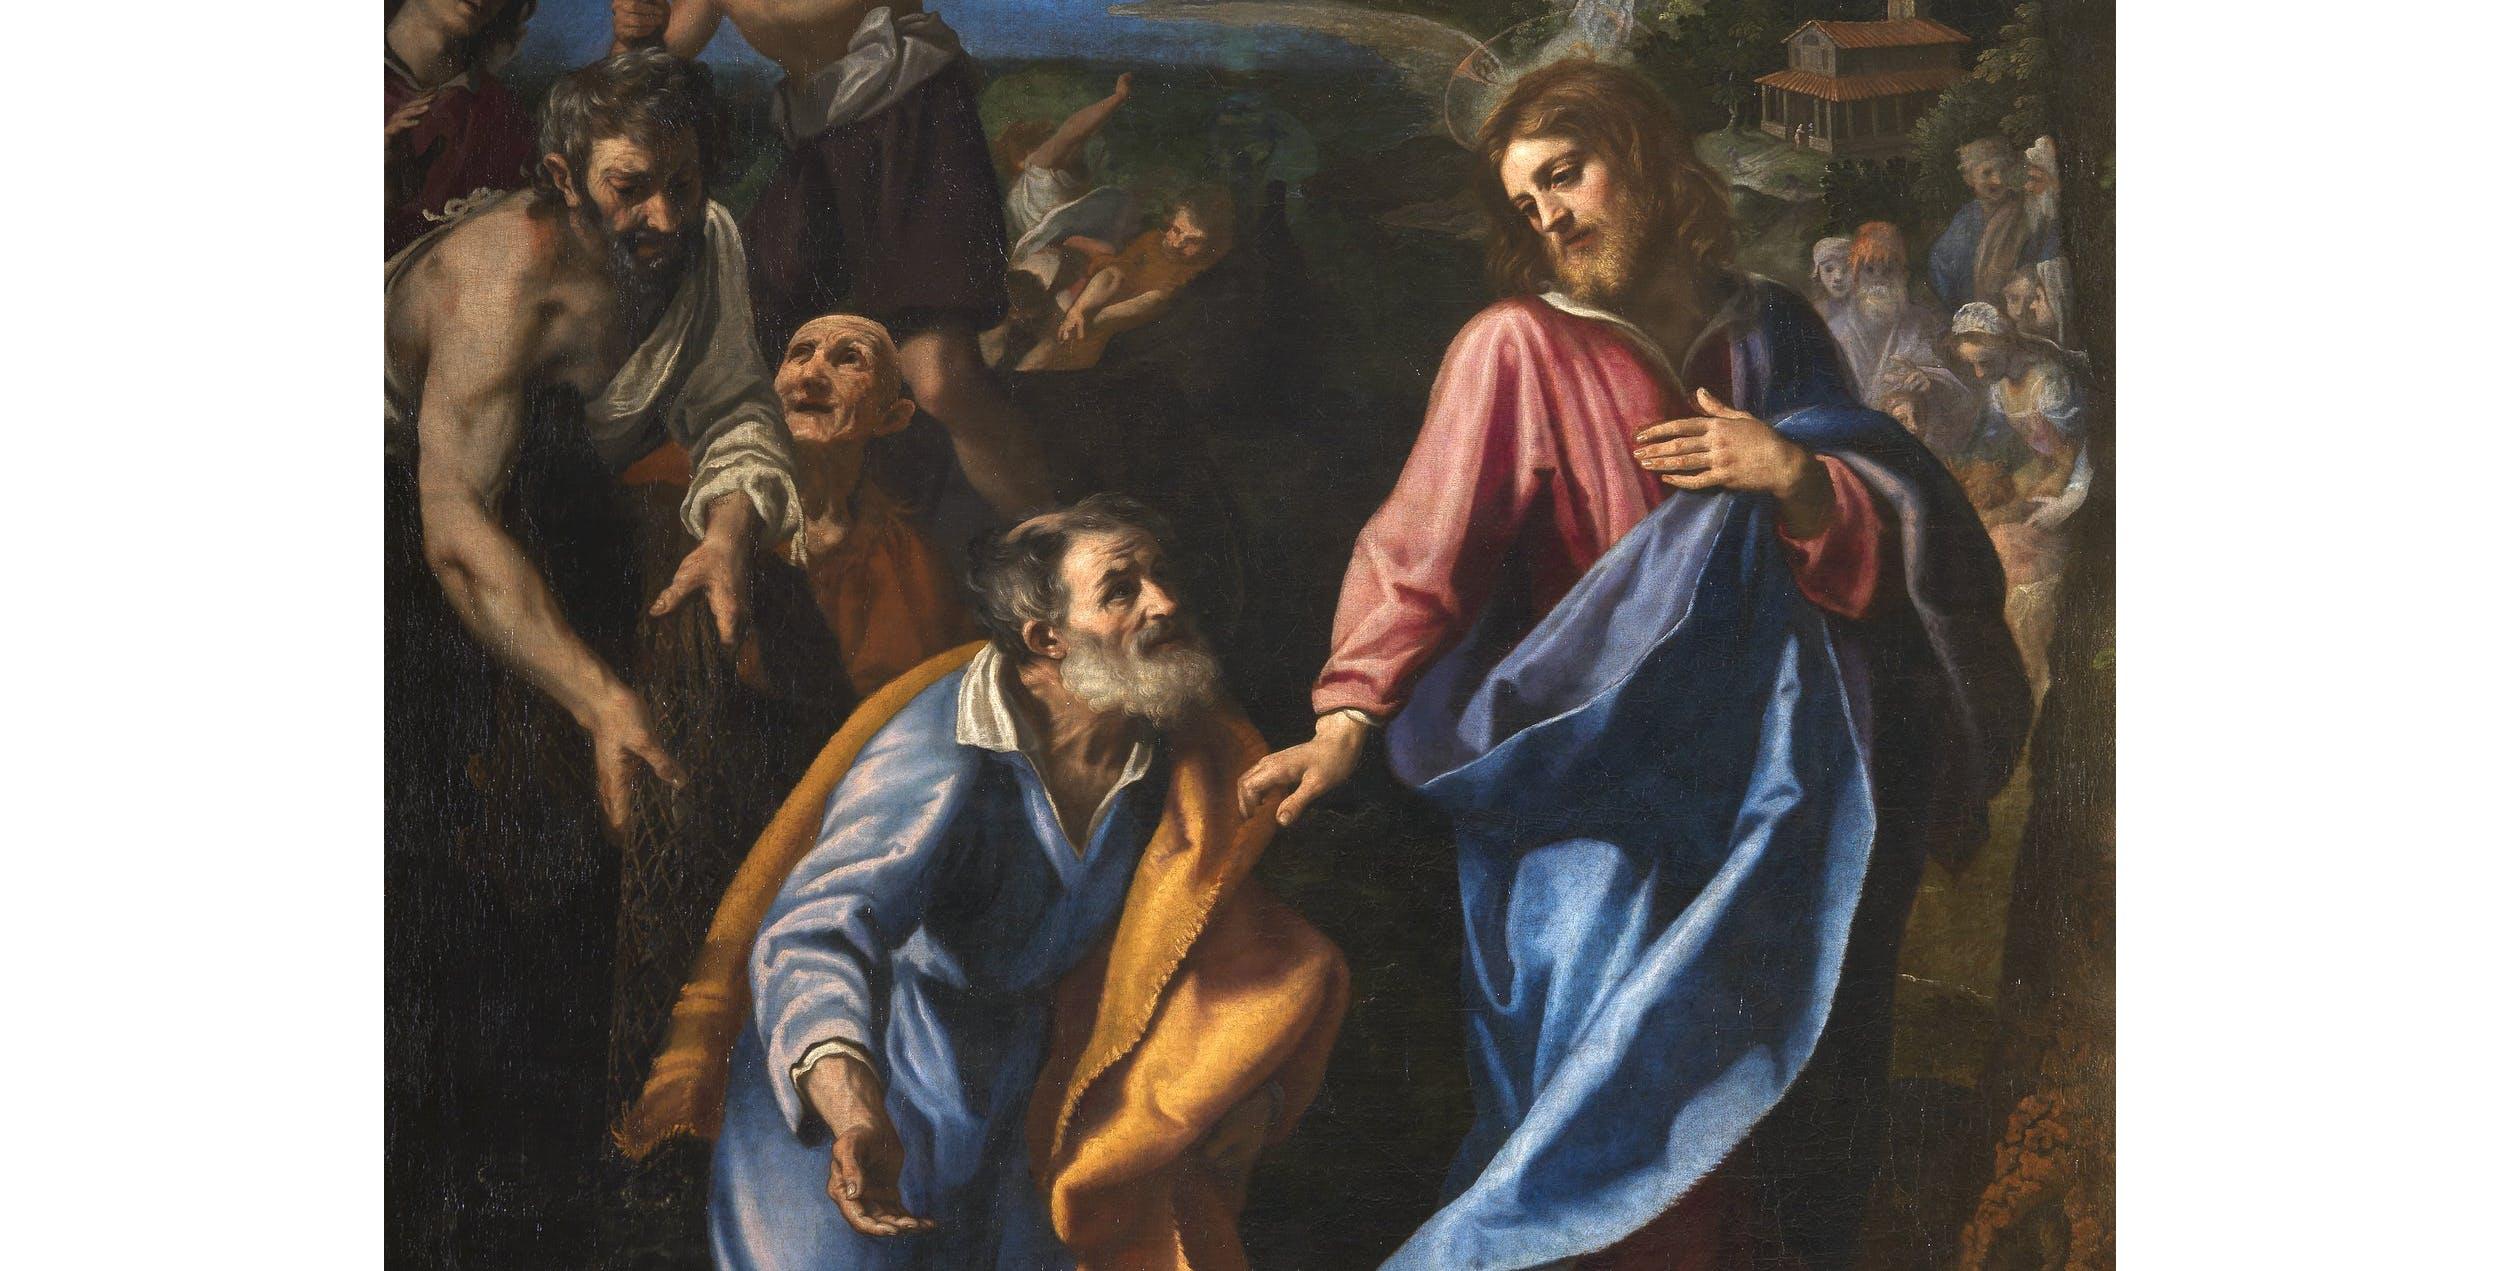 Il Cigoli, La vocazione di Pietro e Andrea